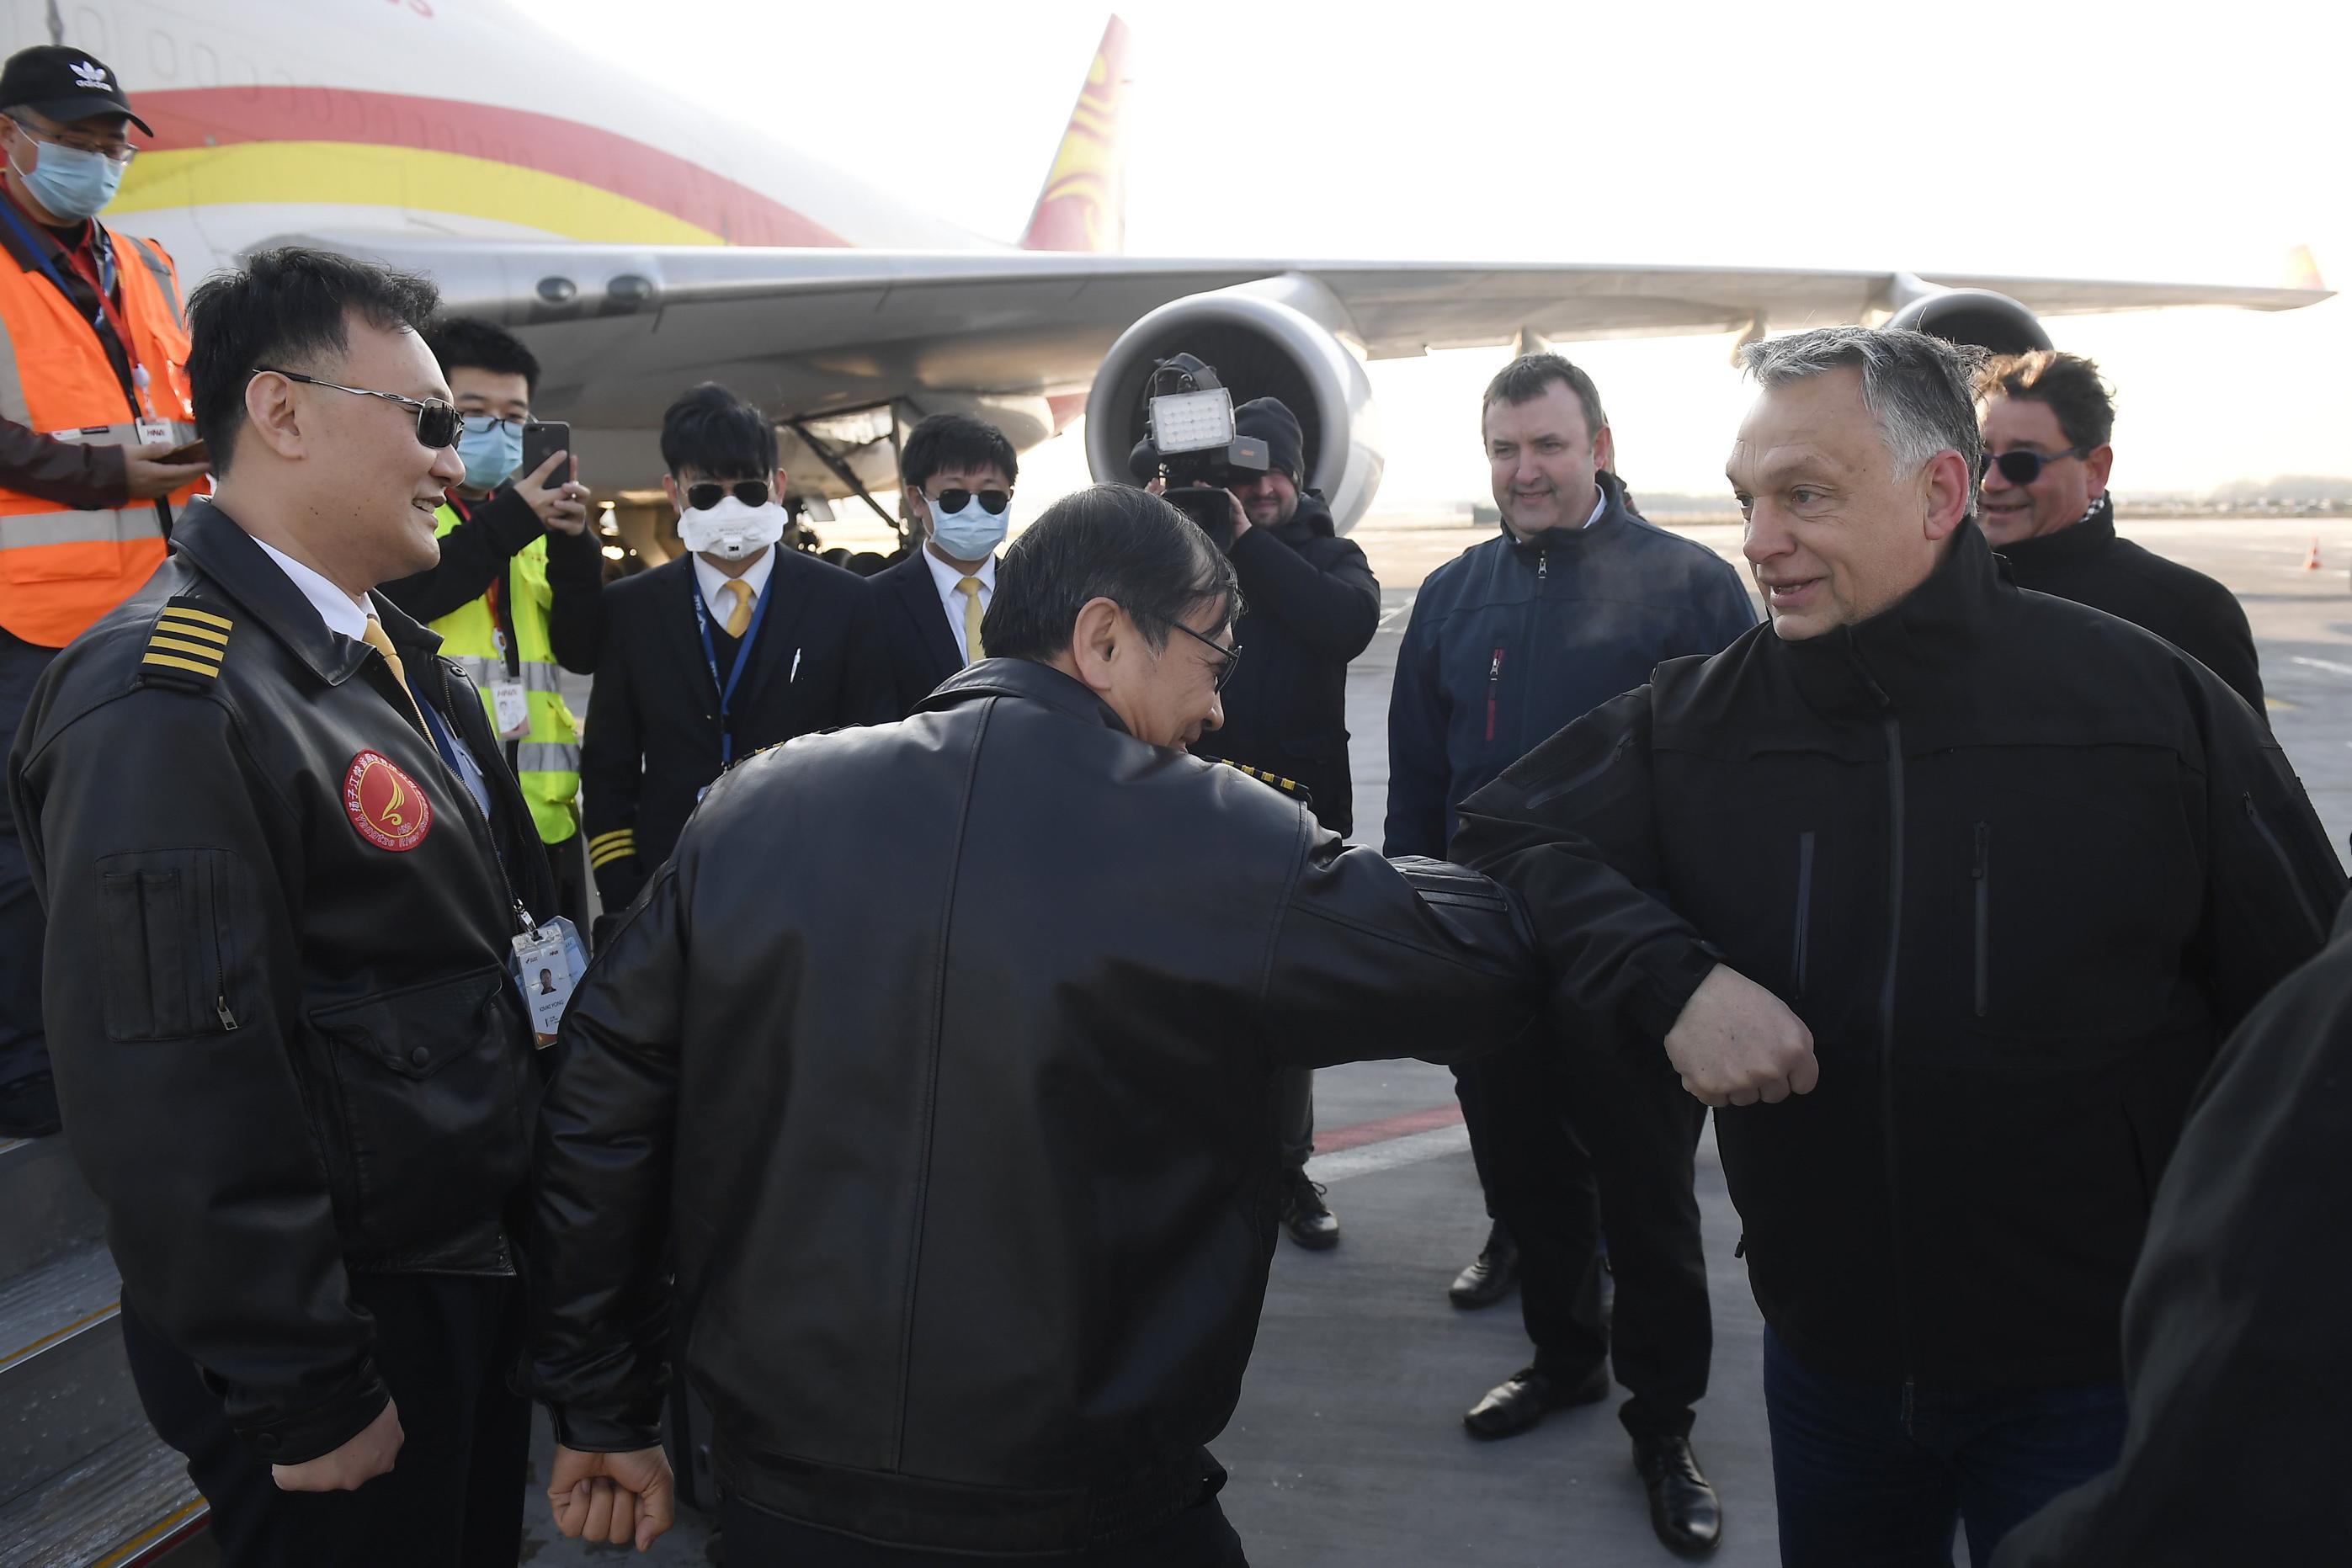 新华社照片,布达佩斯,2020年3月25日 3月24日,在匈牙利布达佩斯李斯特国际机场,匈总理欧尔班(右一)与中方机组人员相互致意。新华社发(陶马什·科瓦奇 摄)